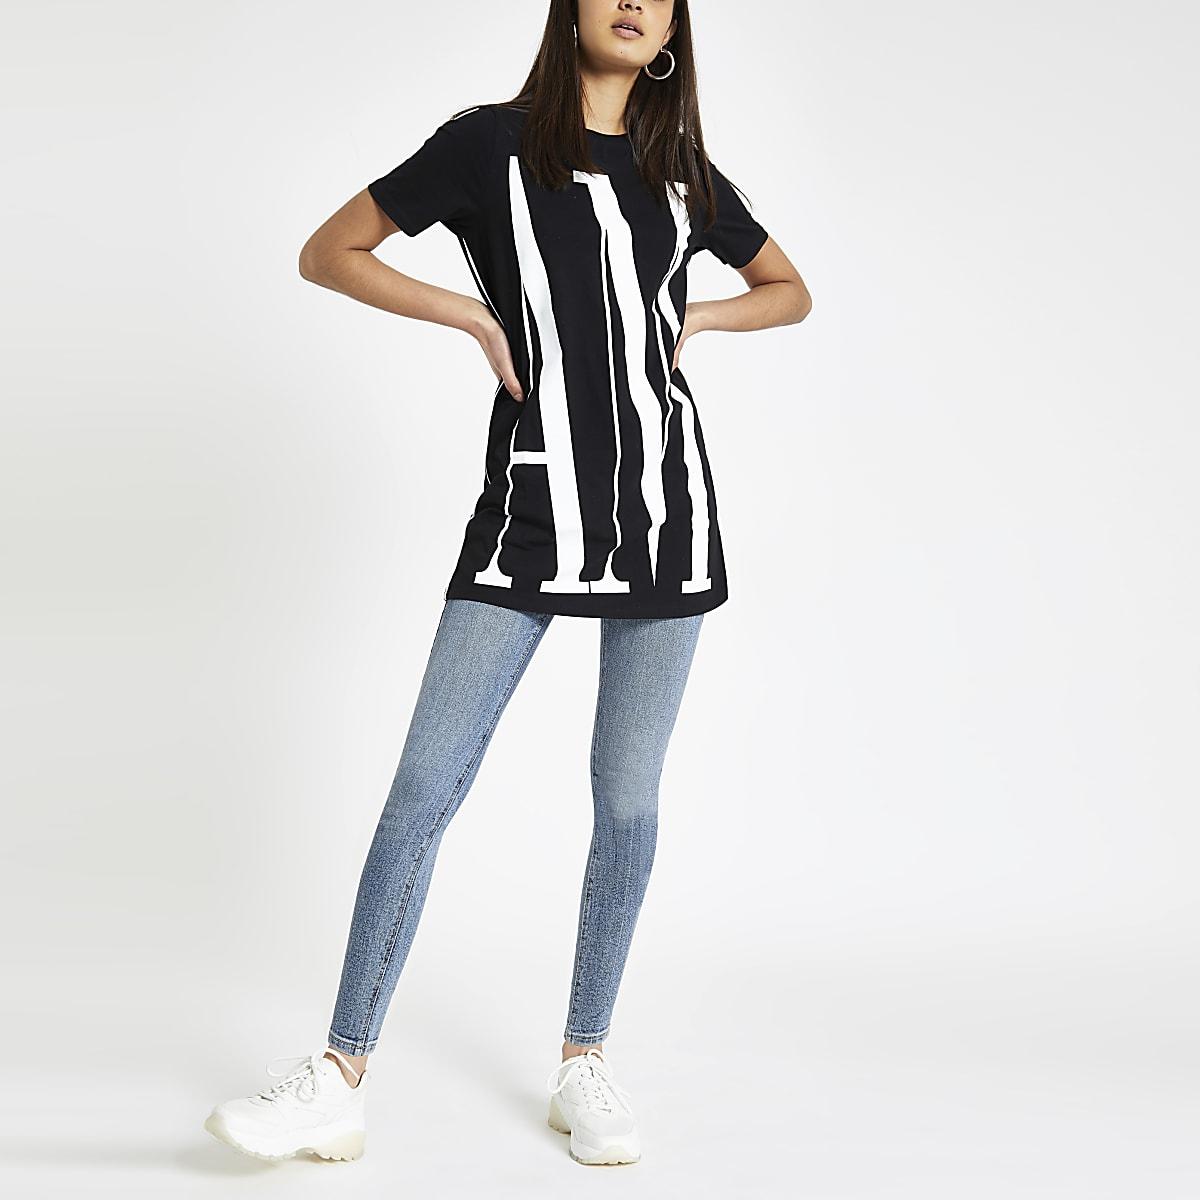 Zwart jumbo T-shirt met 'Amour'-print op de rug